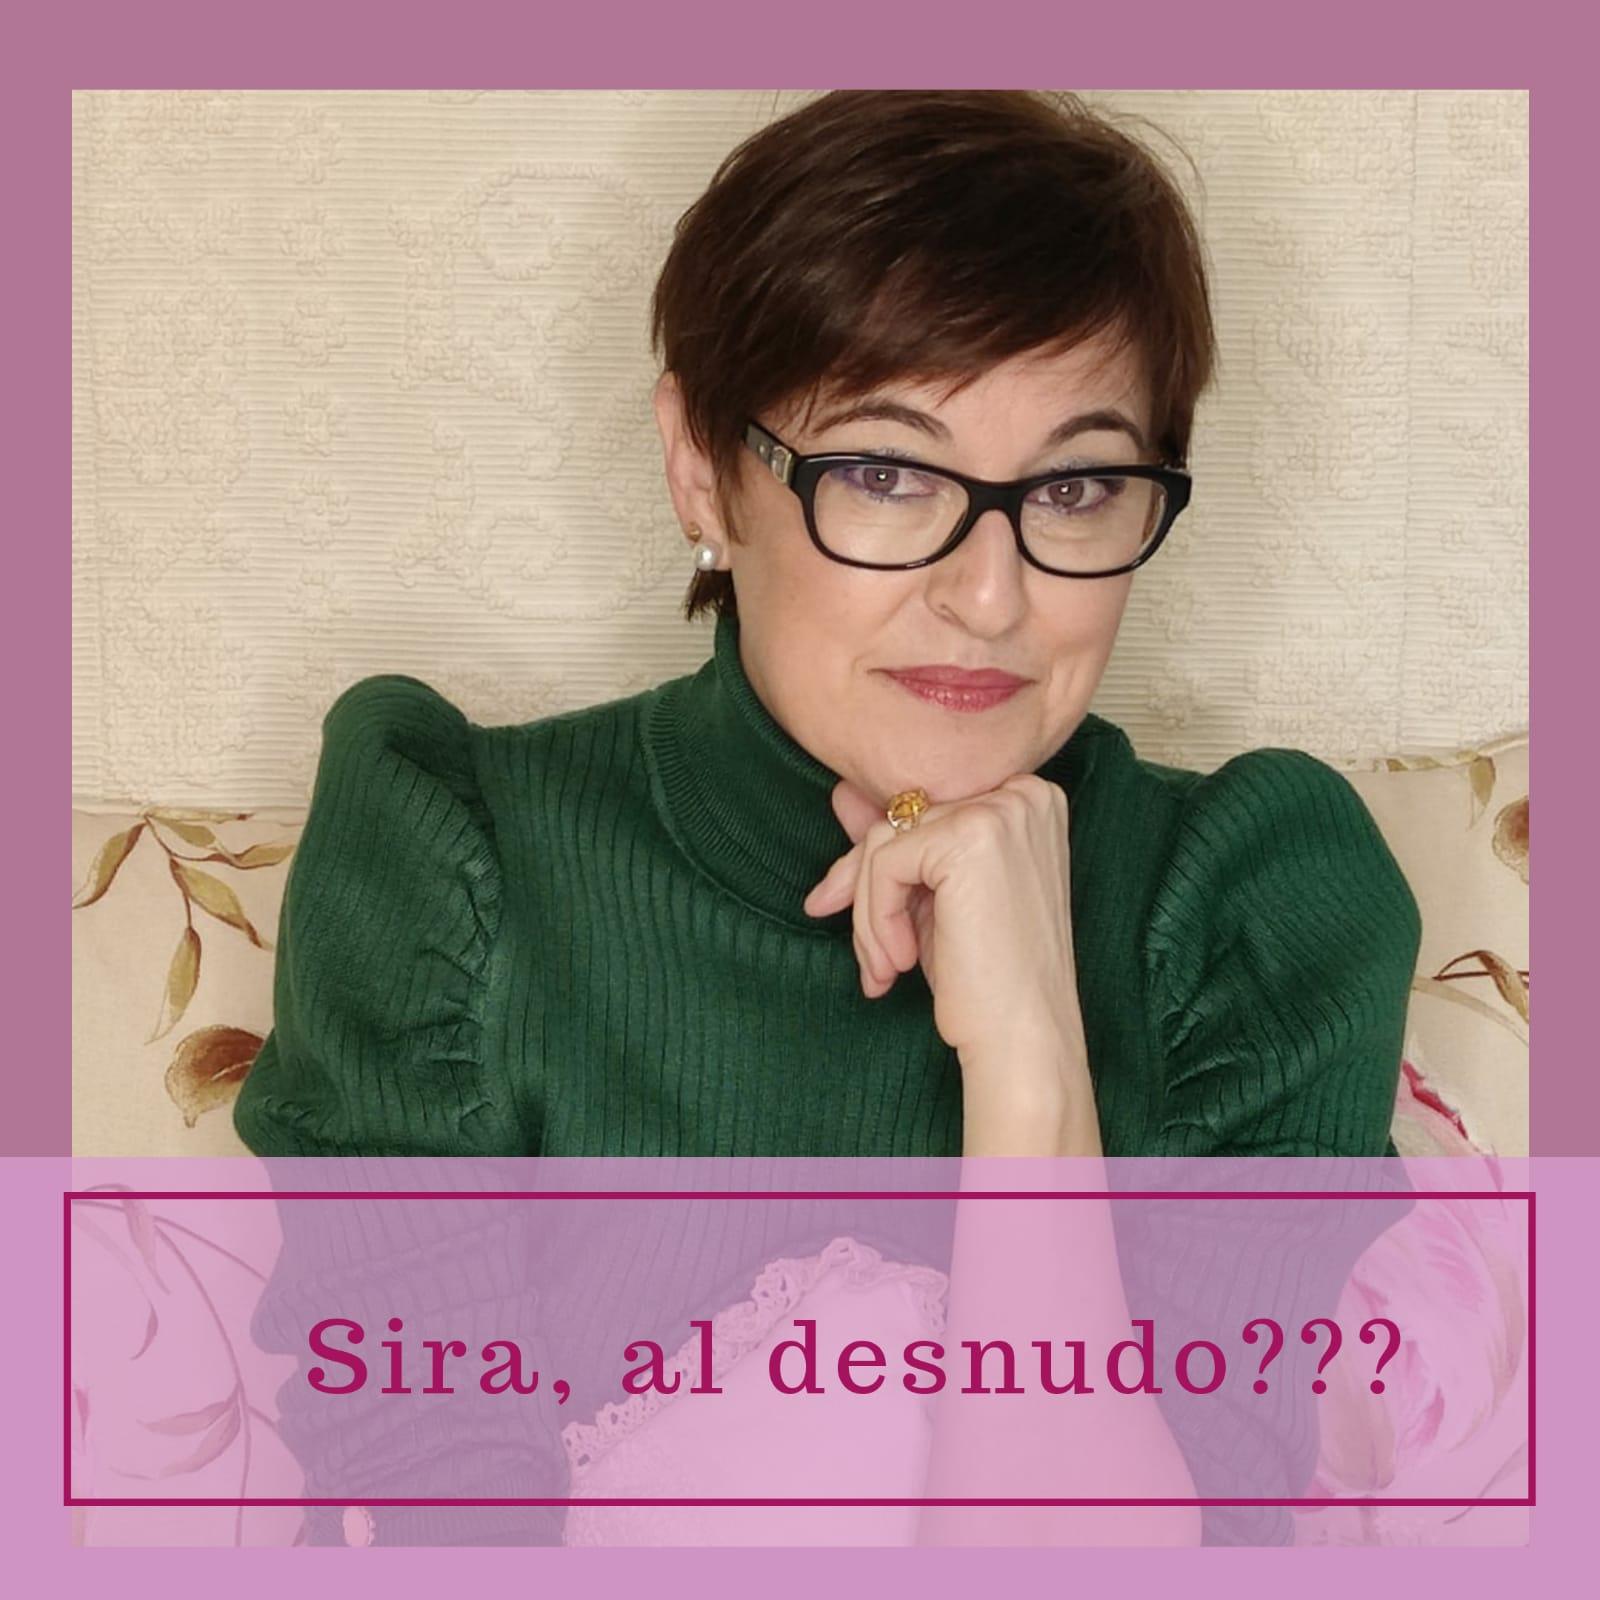 Sira, al desnudo???